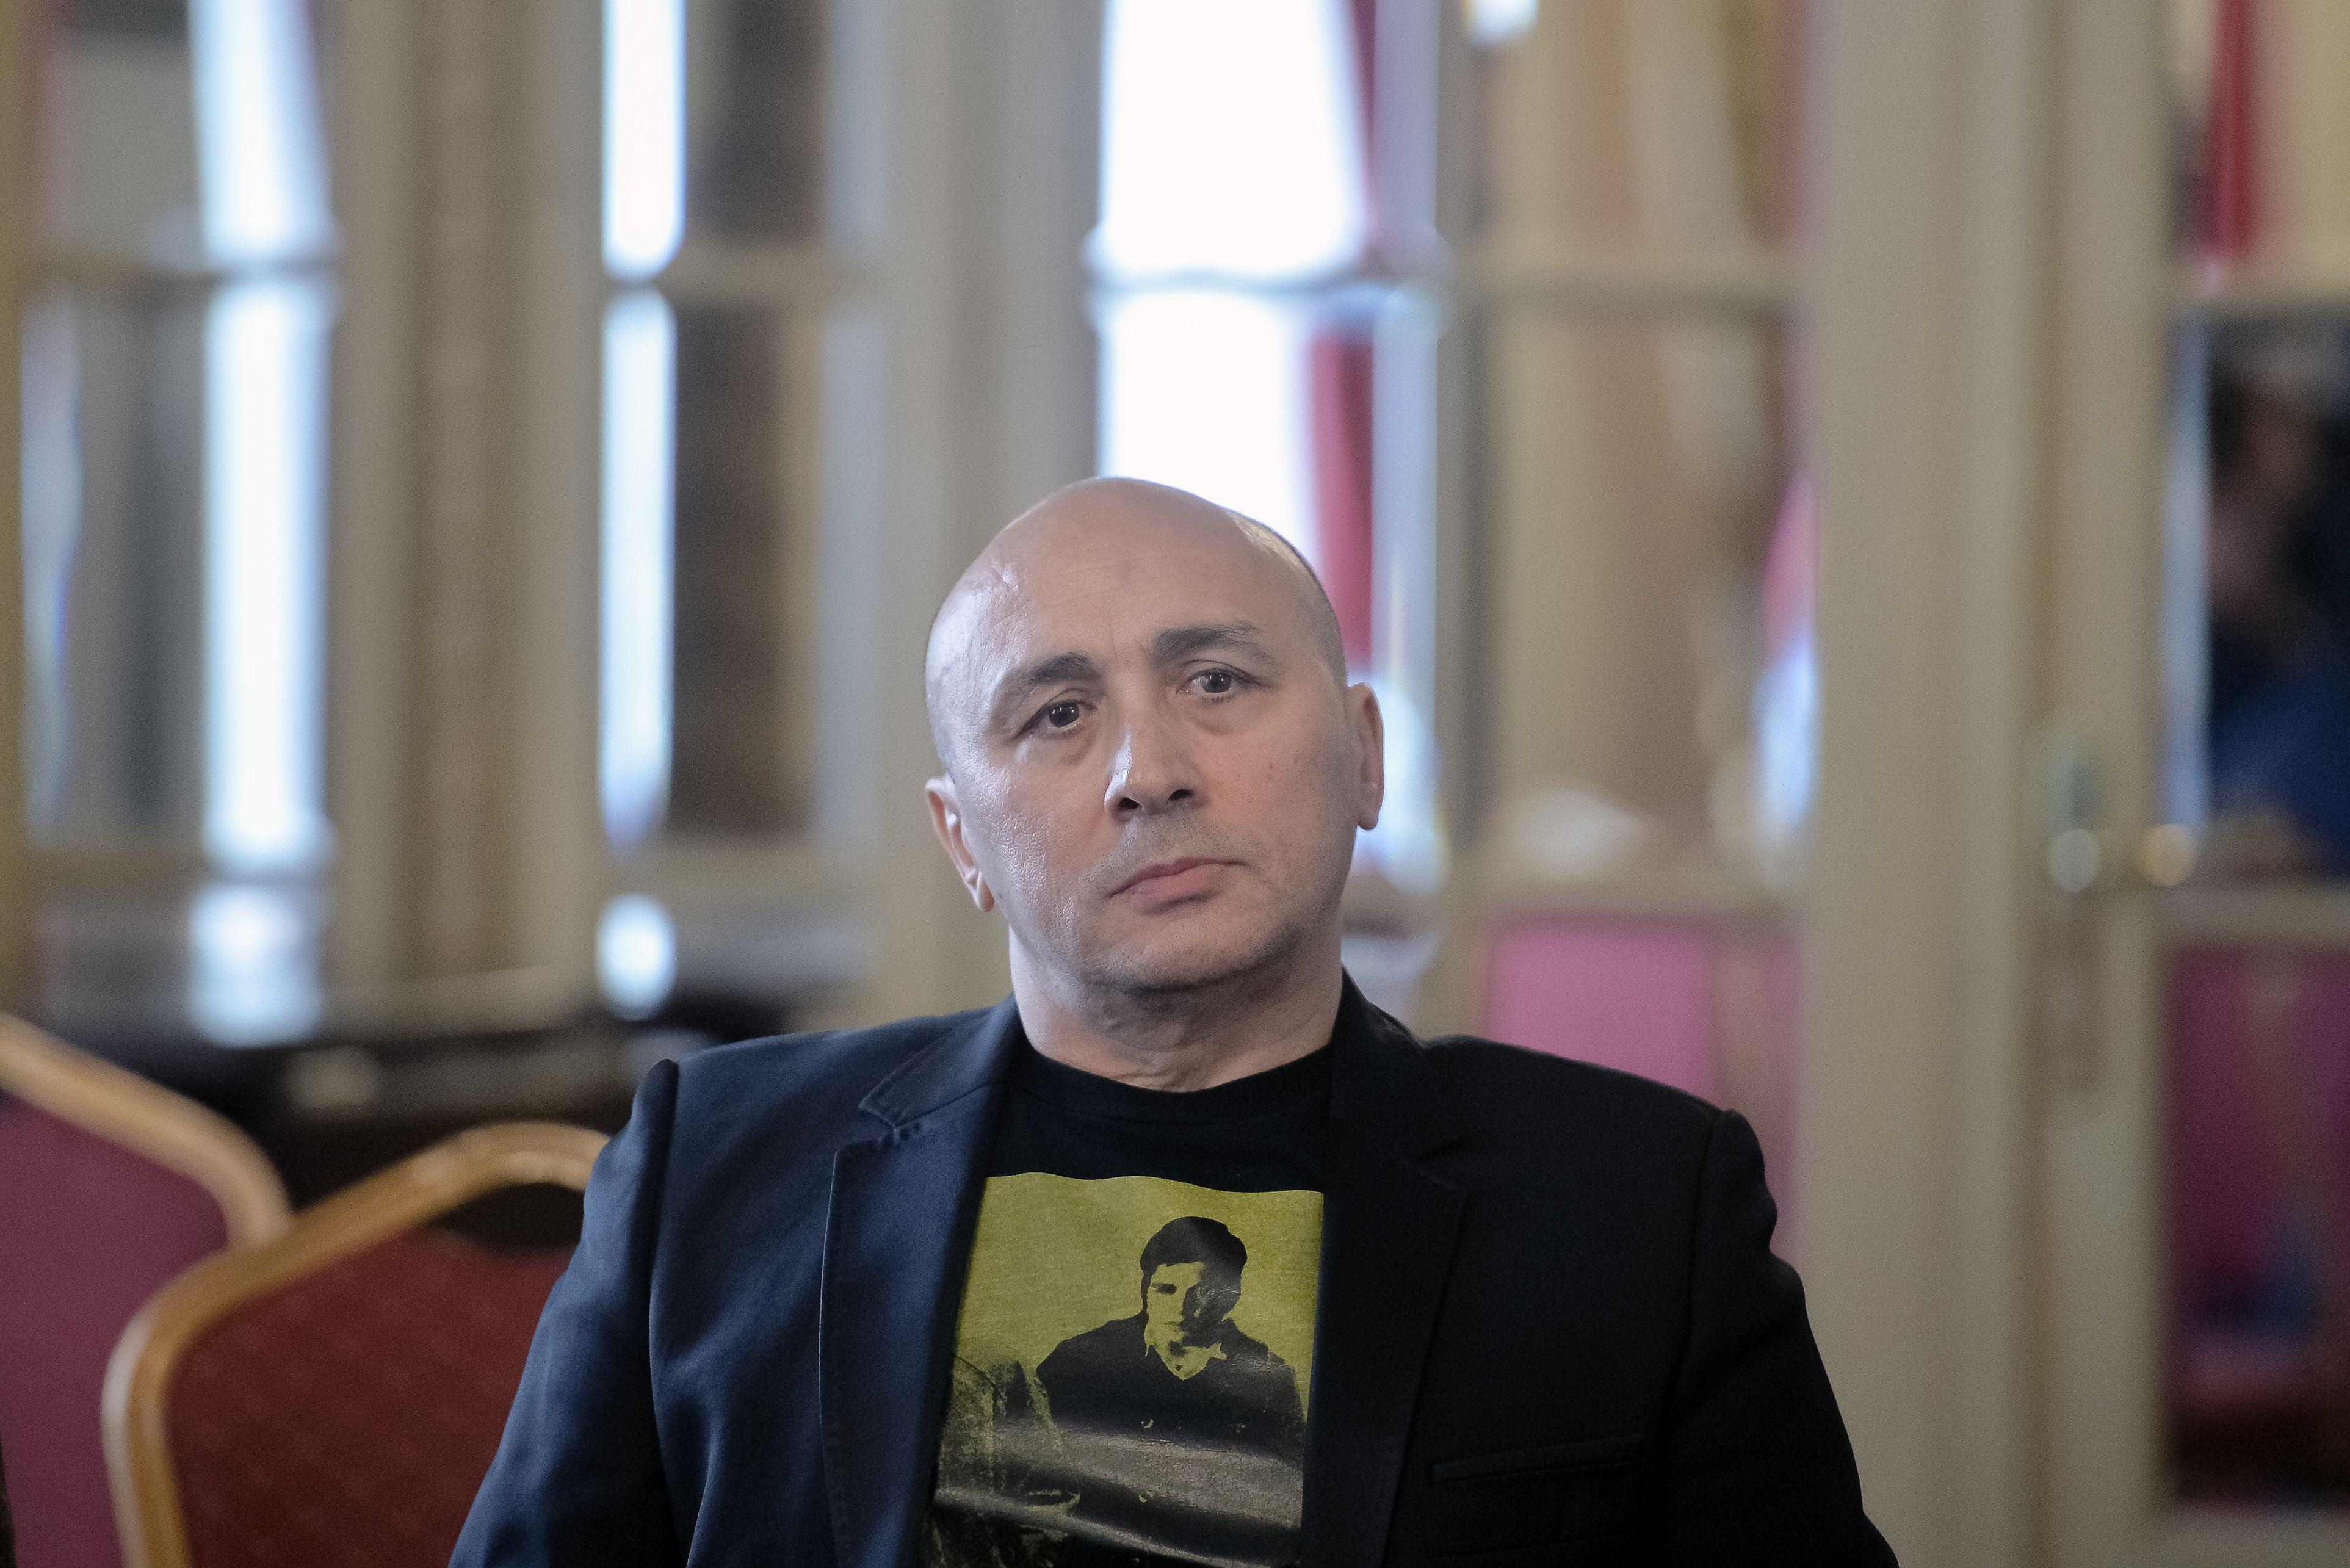 """Marcel Pavel a dezvăluit cum a pierdut cei 40.000 de euro. Cu ce probleme financiare se confruntă:""""Trebuie să întrețin 8 persoane"""""""